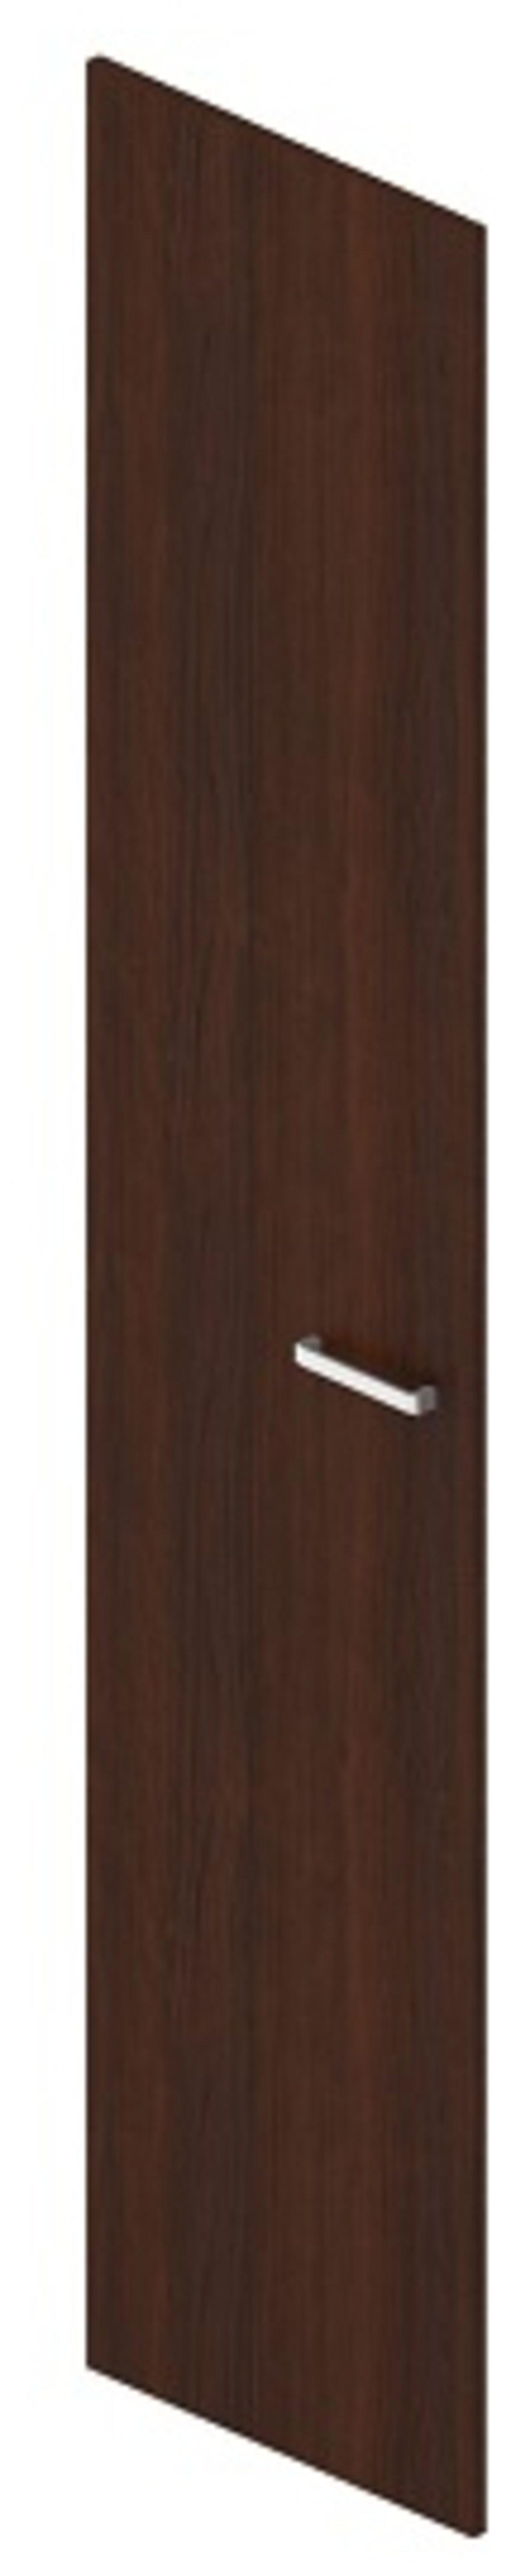 Дверь глухая - фото 1